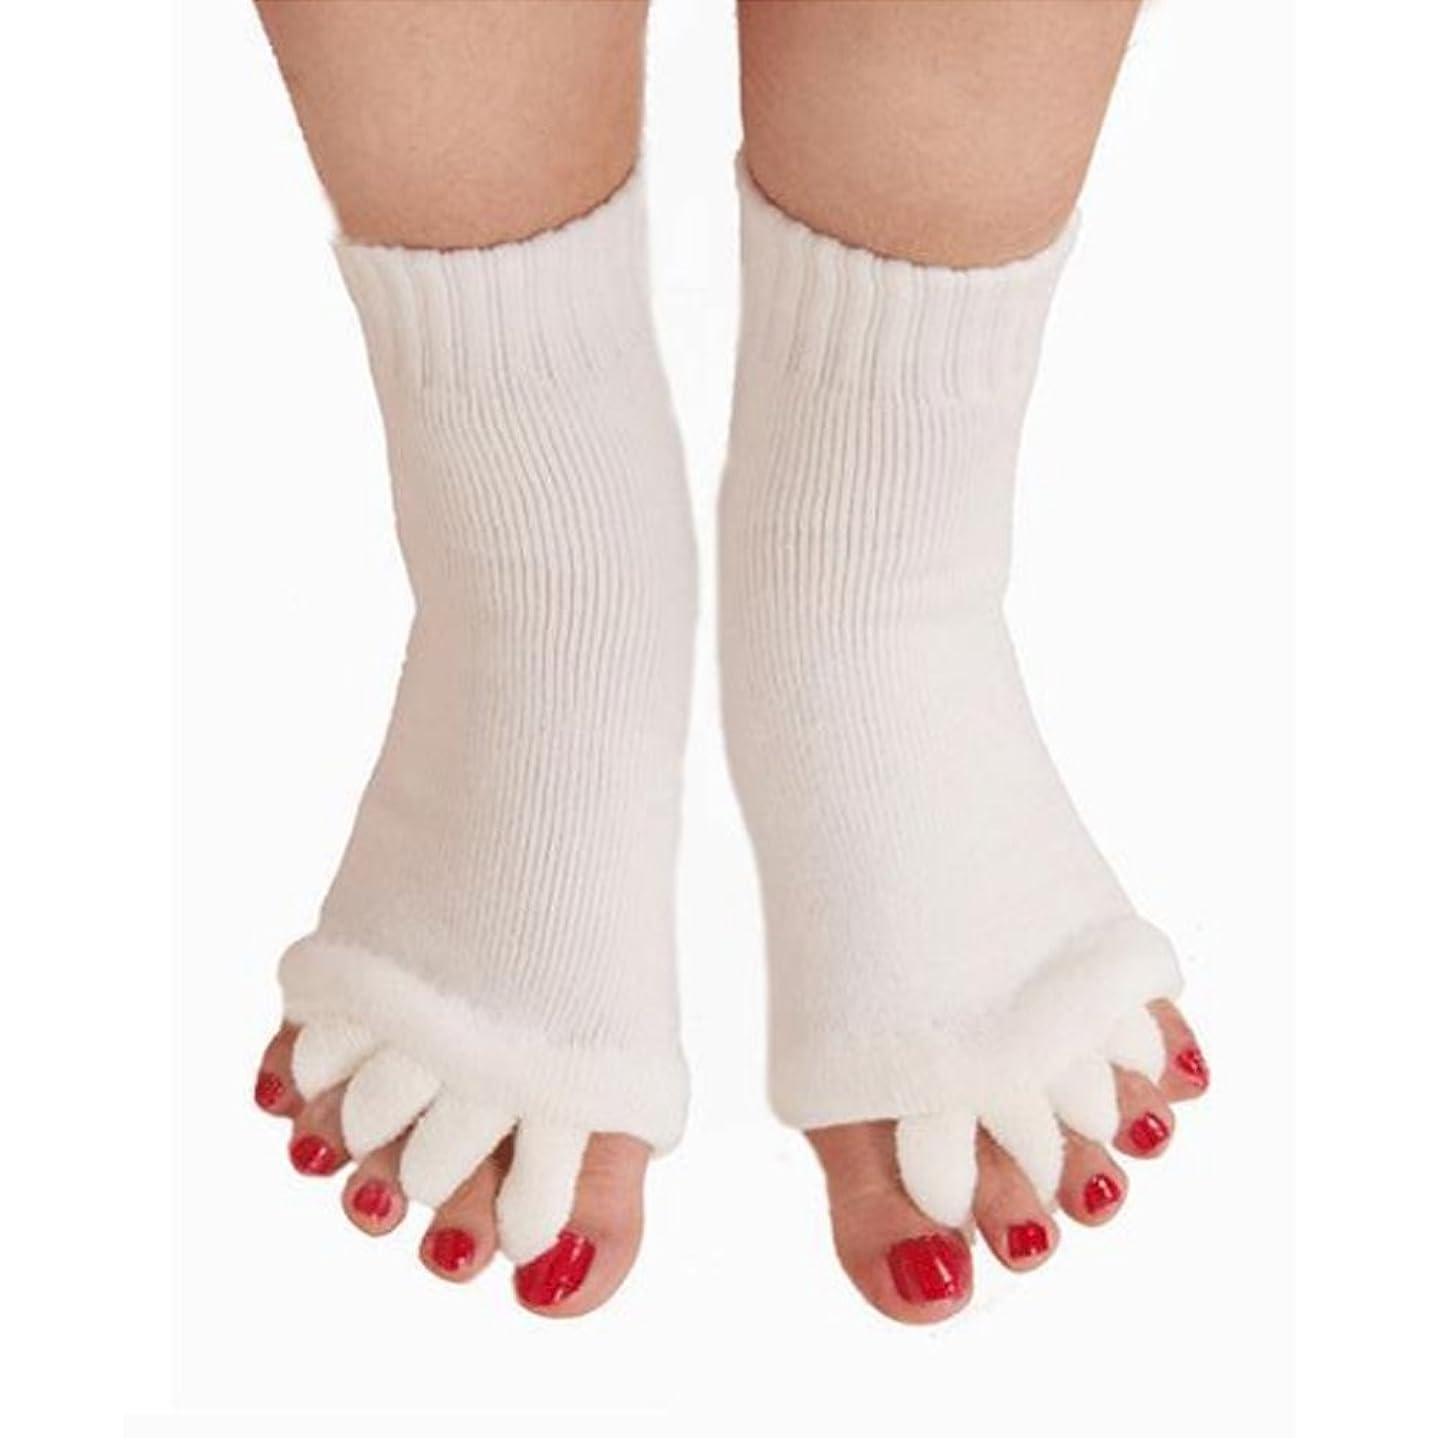 後方に持っているゴネリル5本指 ソックス 靴下 足指全開 スリーピングソックス 足指ケア 痛みを軽減する 外反母趾 偏平足対策 ヨガウェア 美脚 就寝時用 快眠 むくみ解消 ホワイト 1ペア